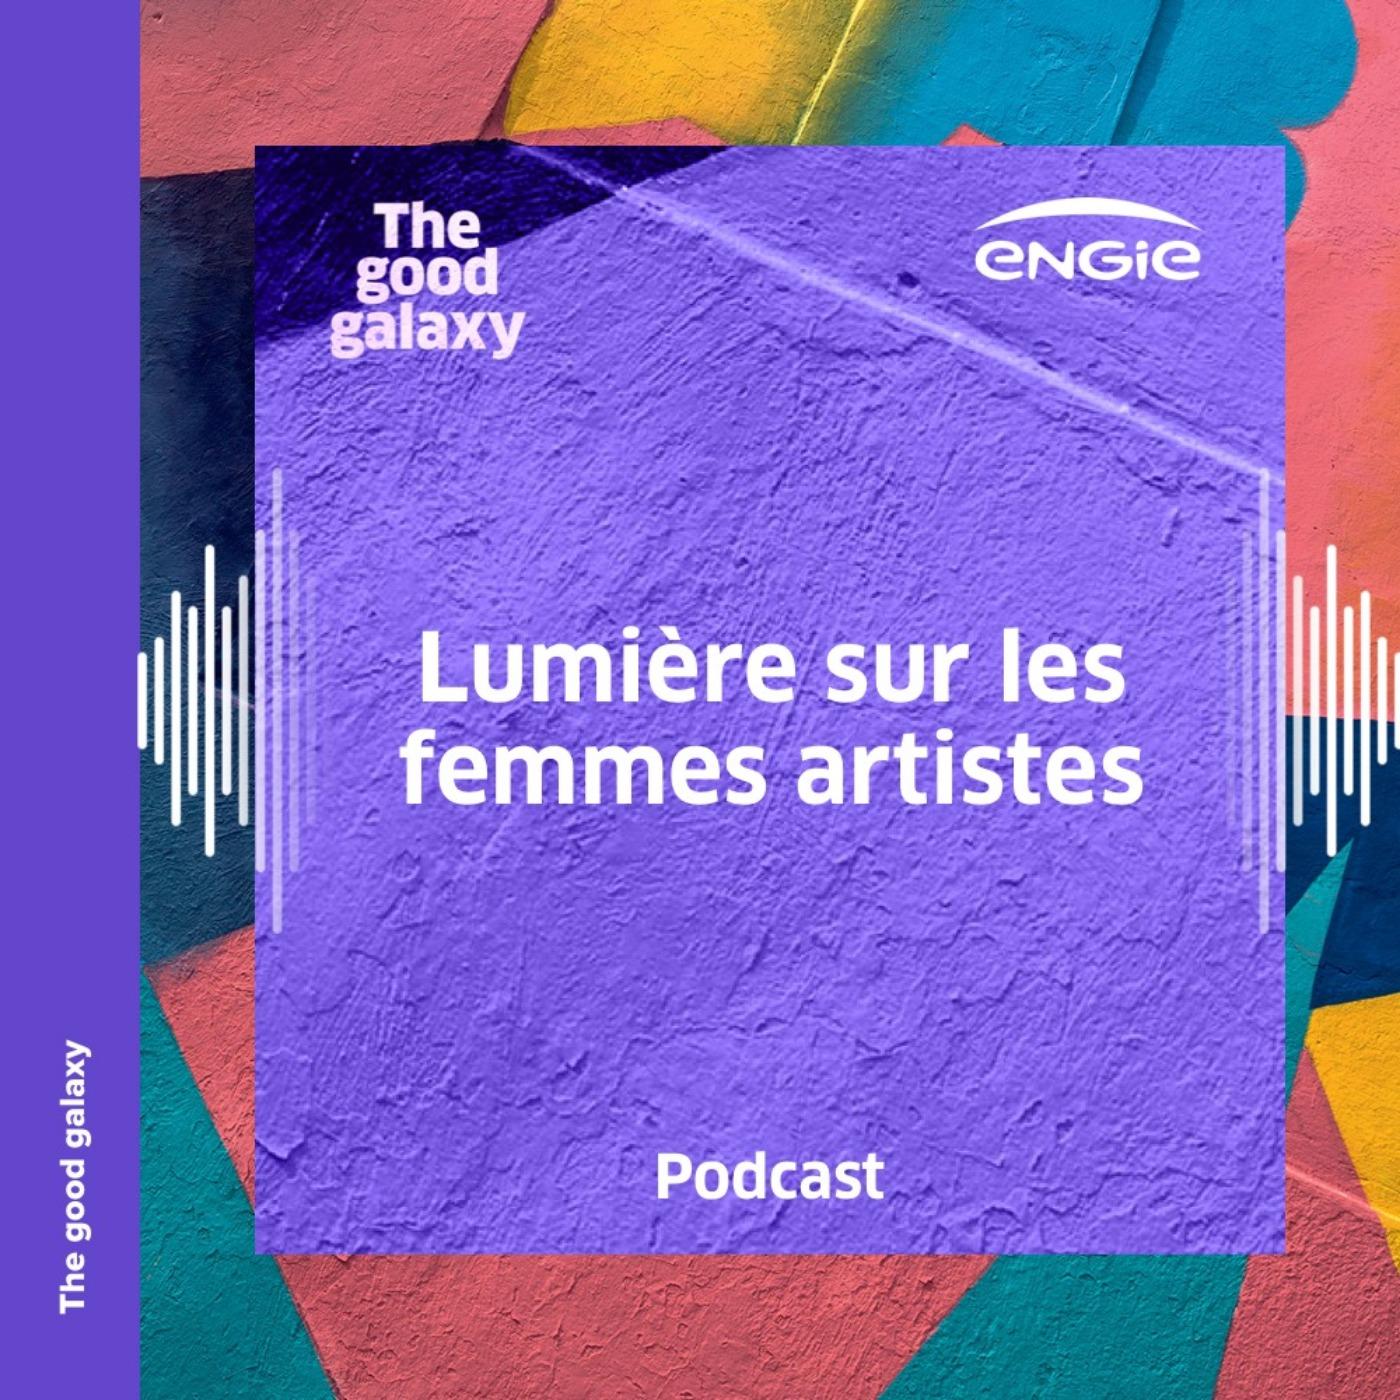 Lumière sur les femmes artistes